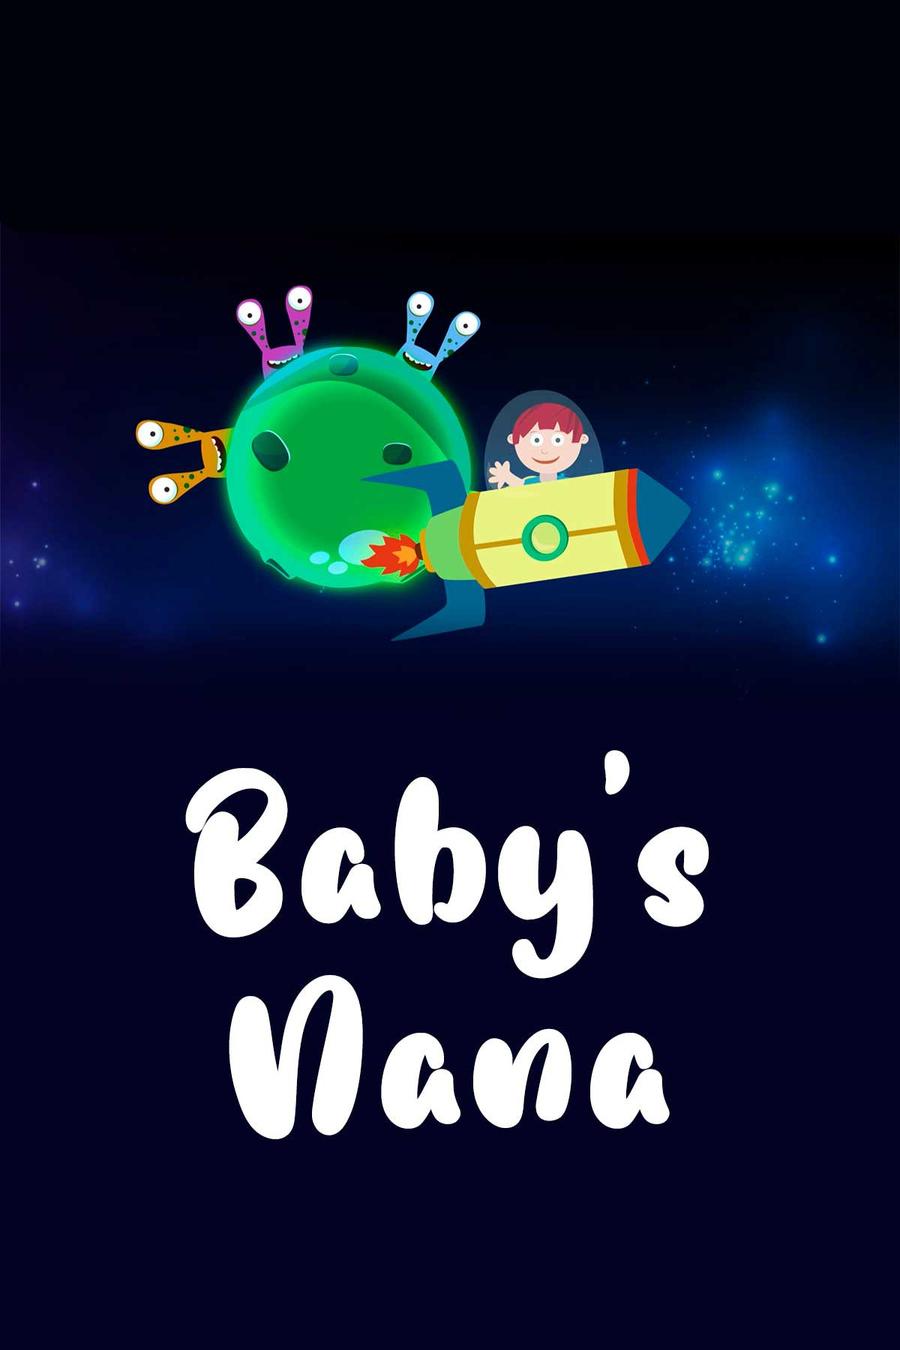 Baby's Nana